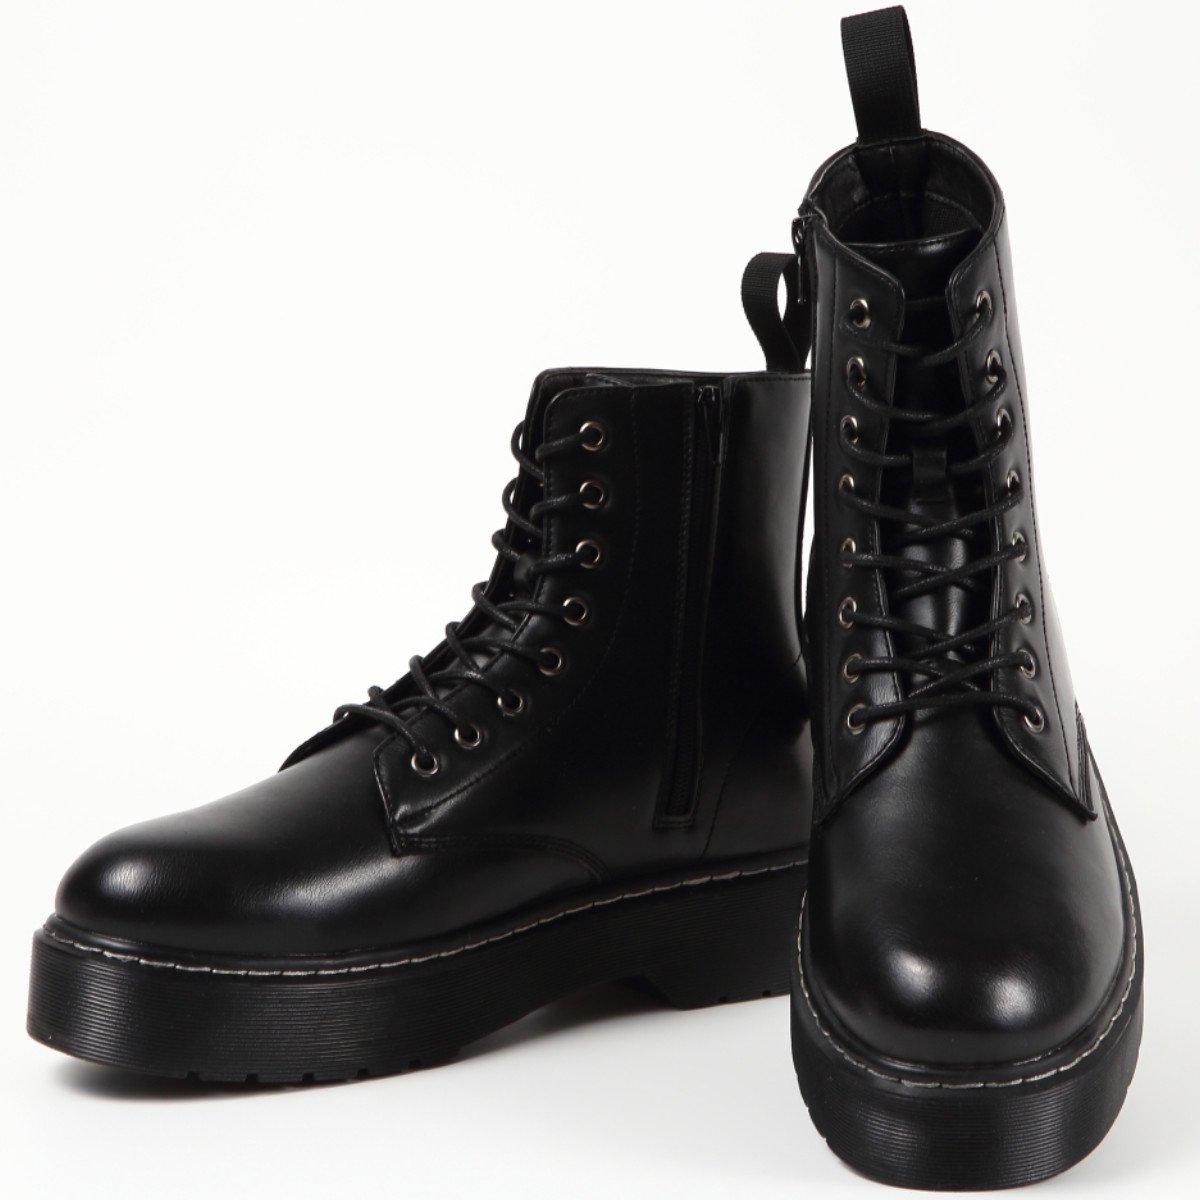 シークレットブーツ 7cmアップ メンズブーツ  厚底ブーツ インヒール ブーツ kk3-300-g あと2cmアップ可